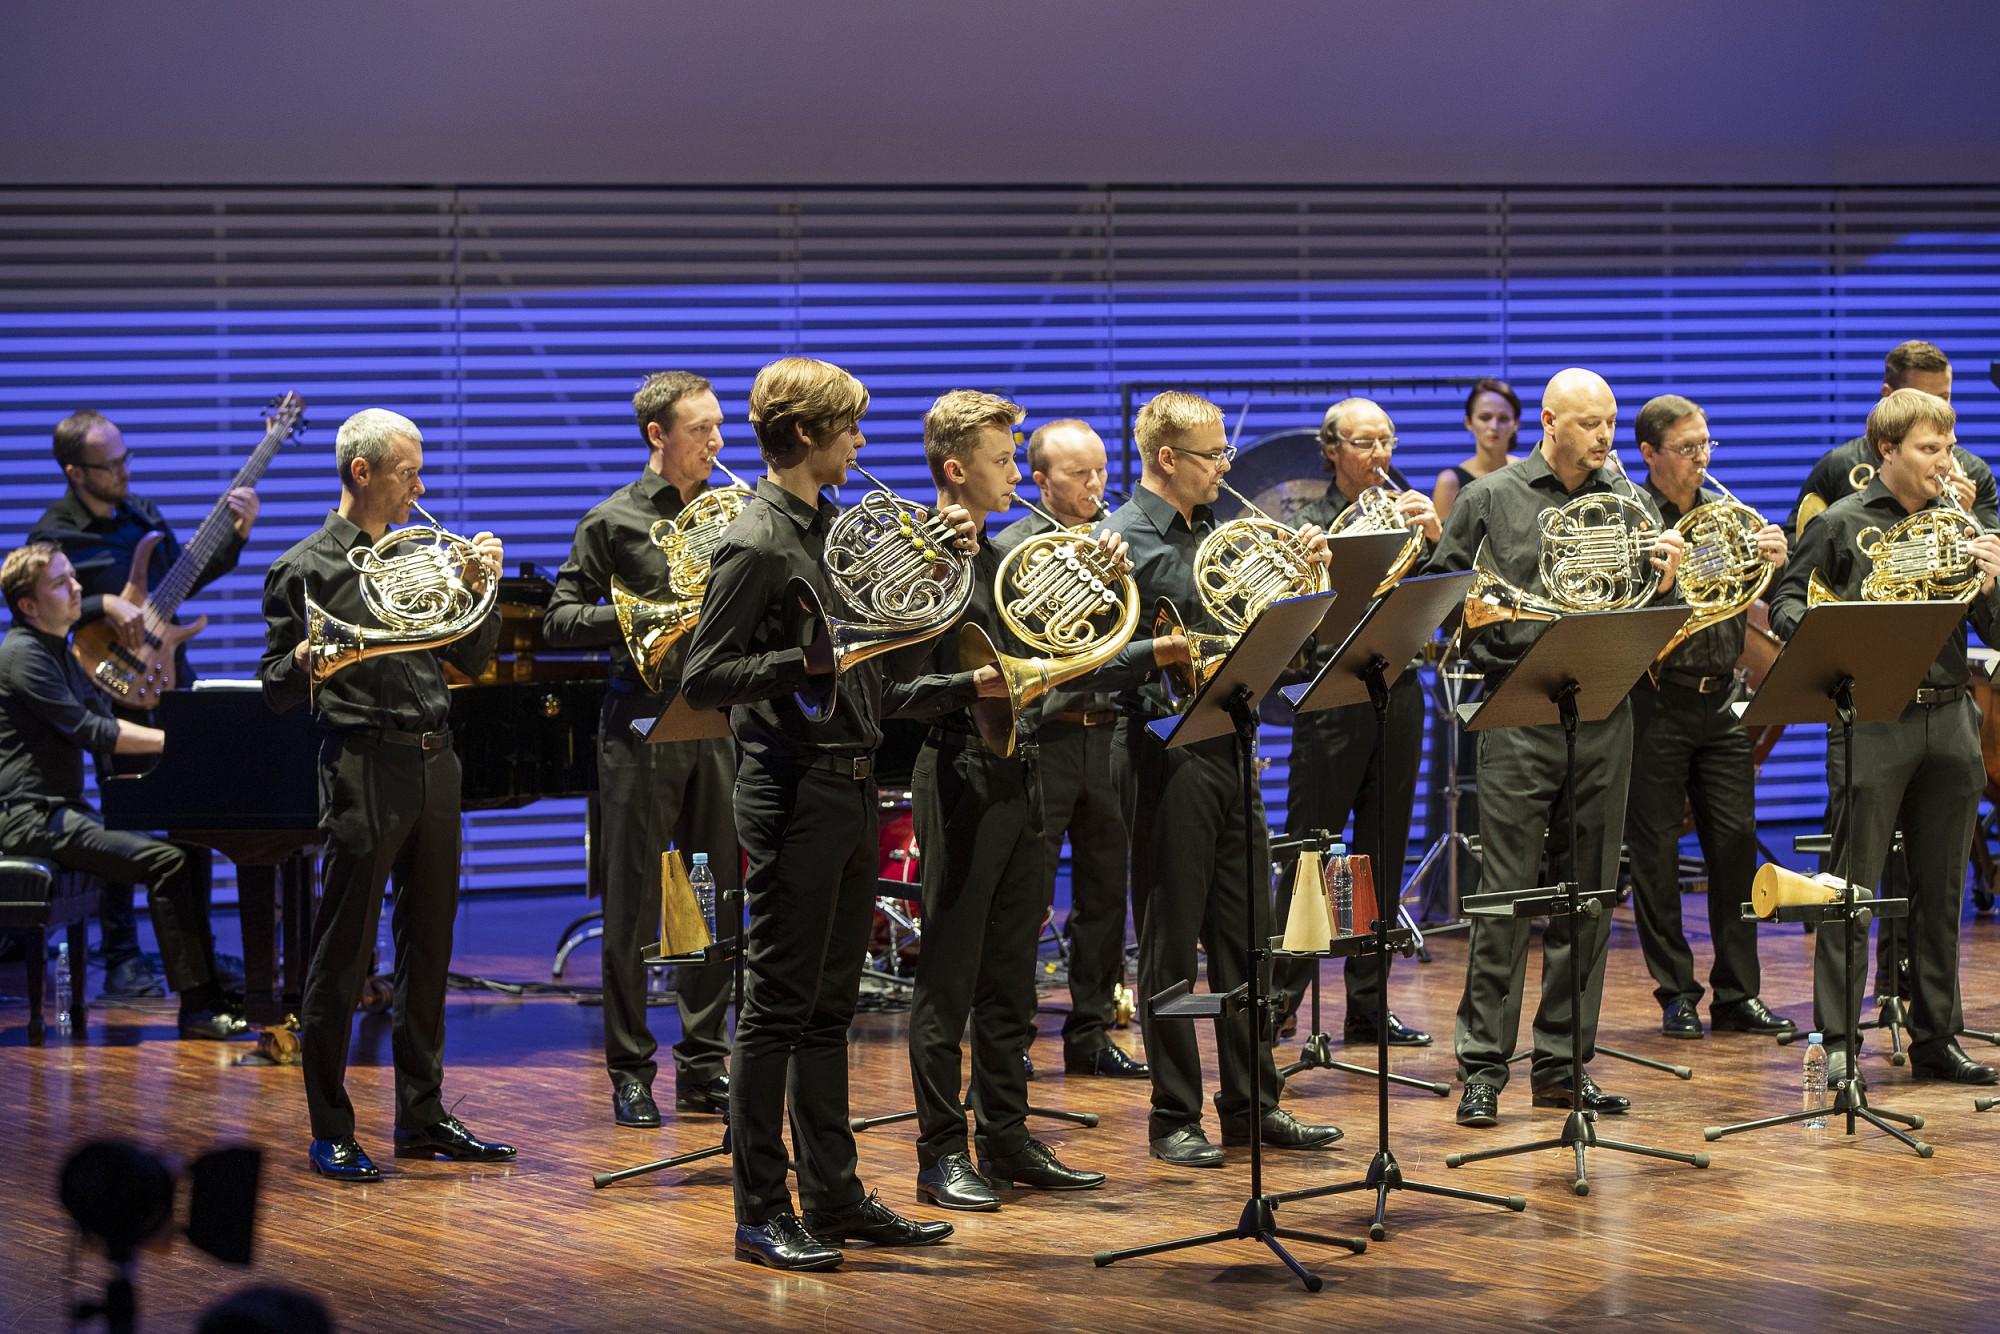 """Koncertzālē """"Lielais dzintars"""" uz vienas skatuves tiekas visi Latvijas profesionālie mežradznieki"""